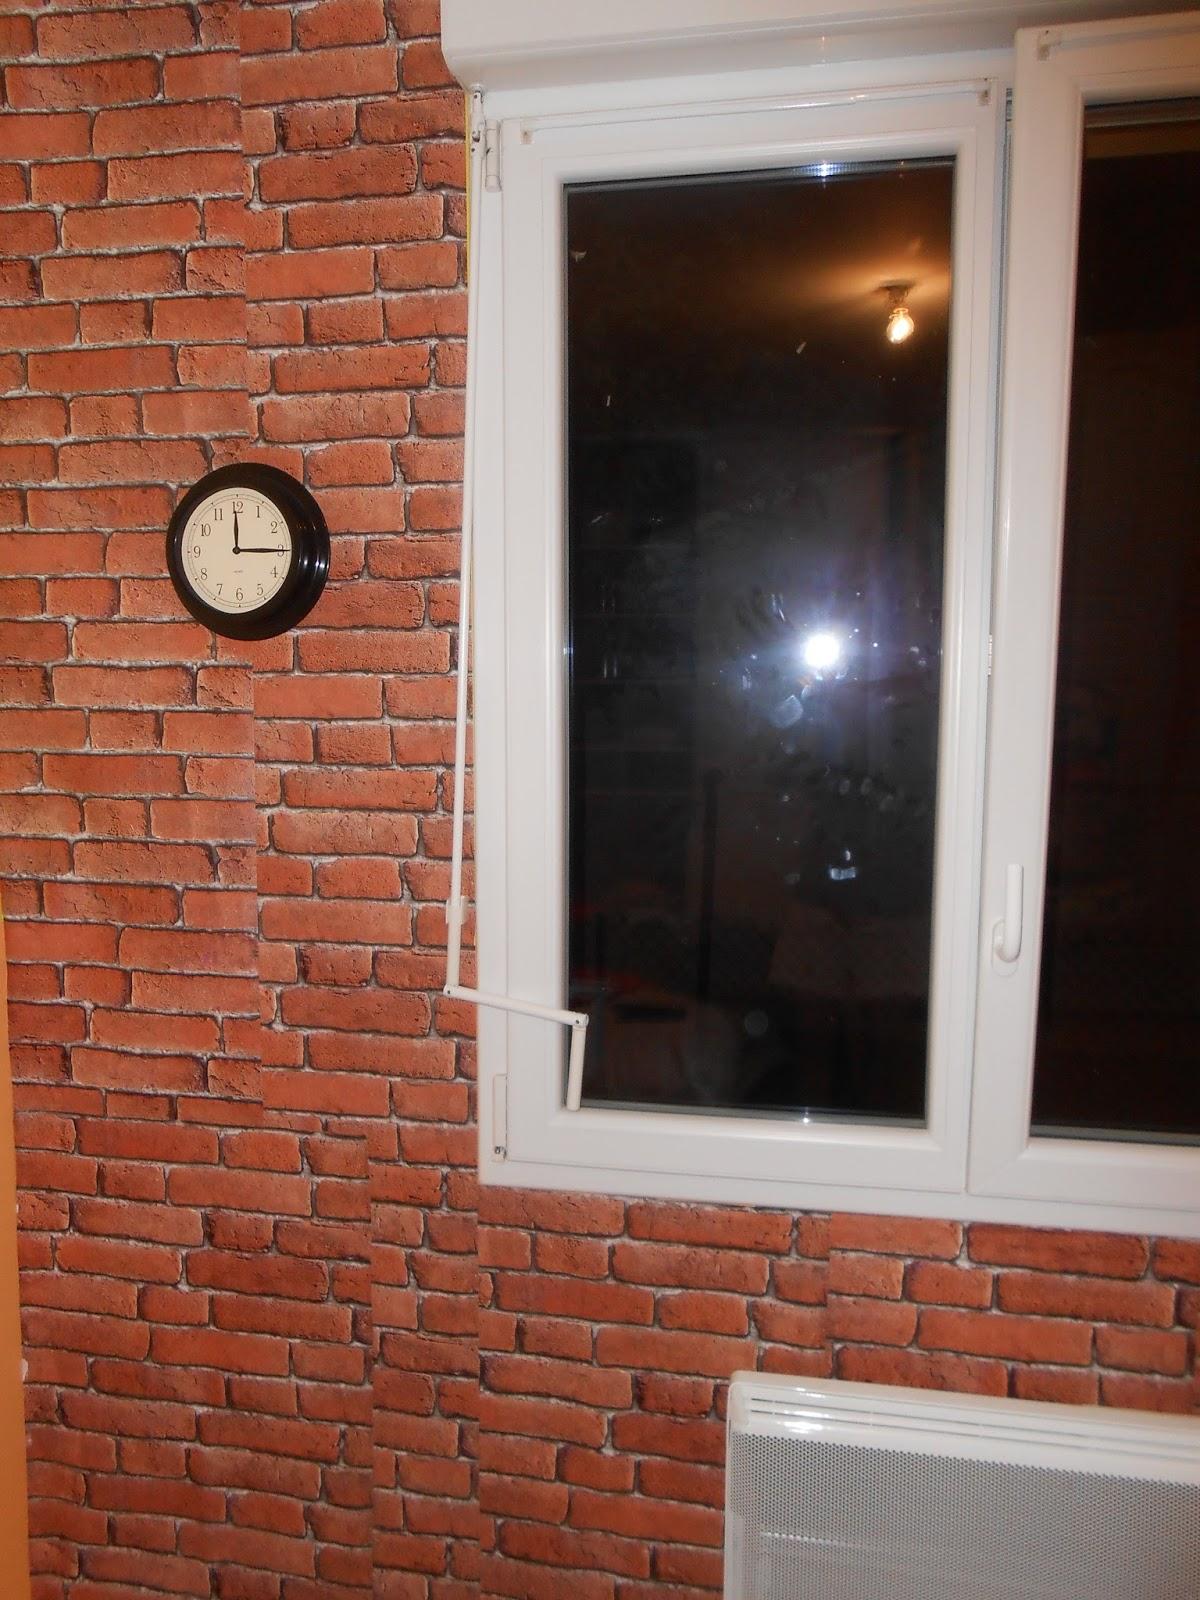 Relooking chambres d 39 amis partie 1 milune la vie d 39 une nounou - Enlever de la tapisserie facilement ...